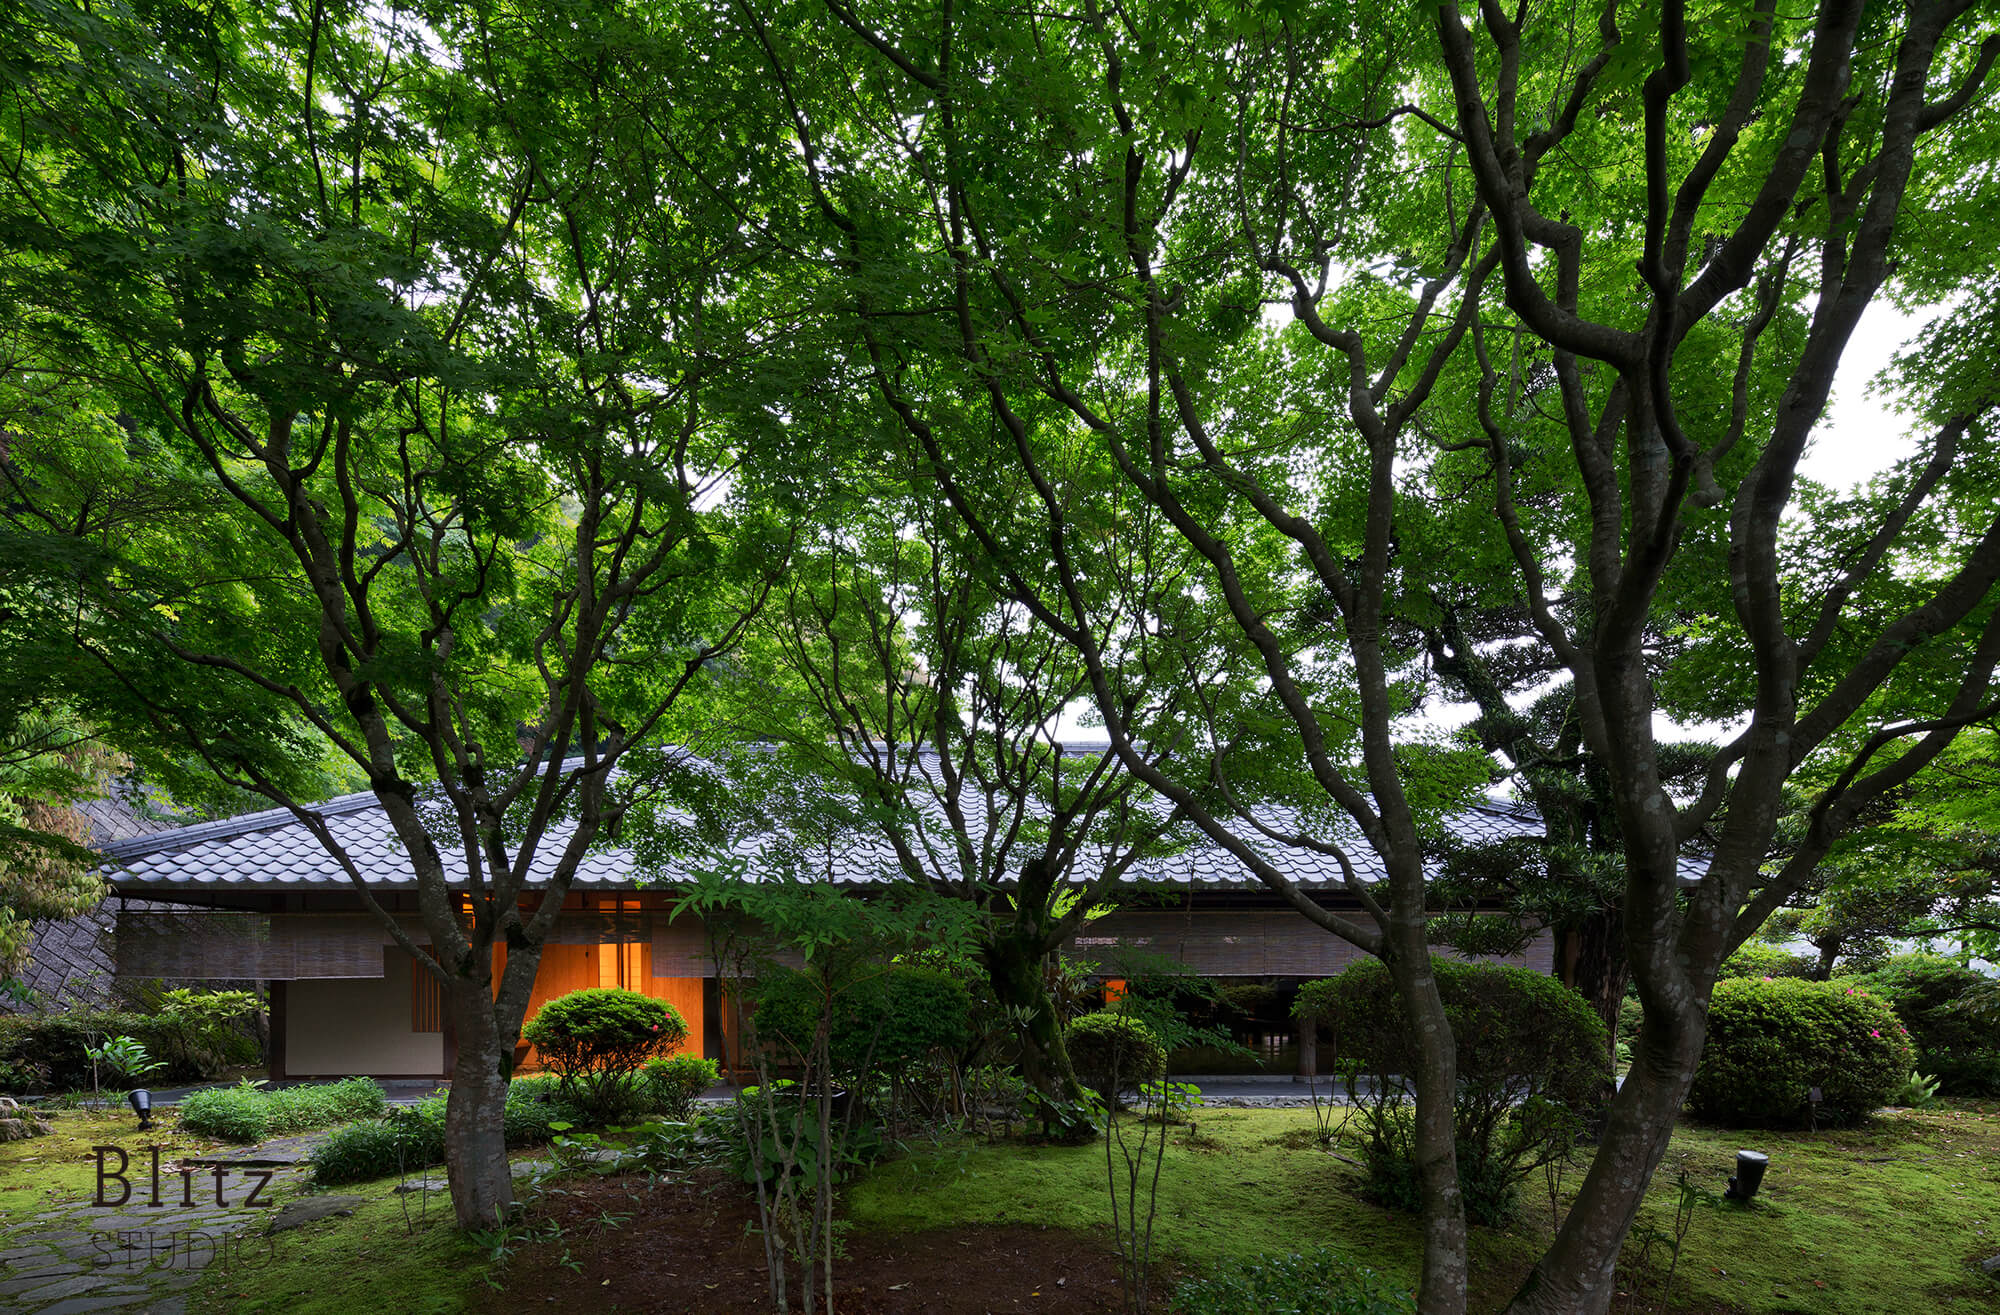 『宗像名残荘』建築写真・竣工写真・インテリア写真25